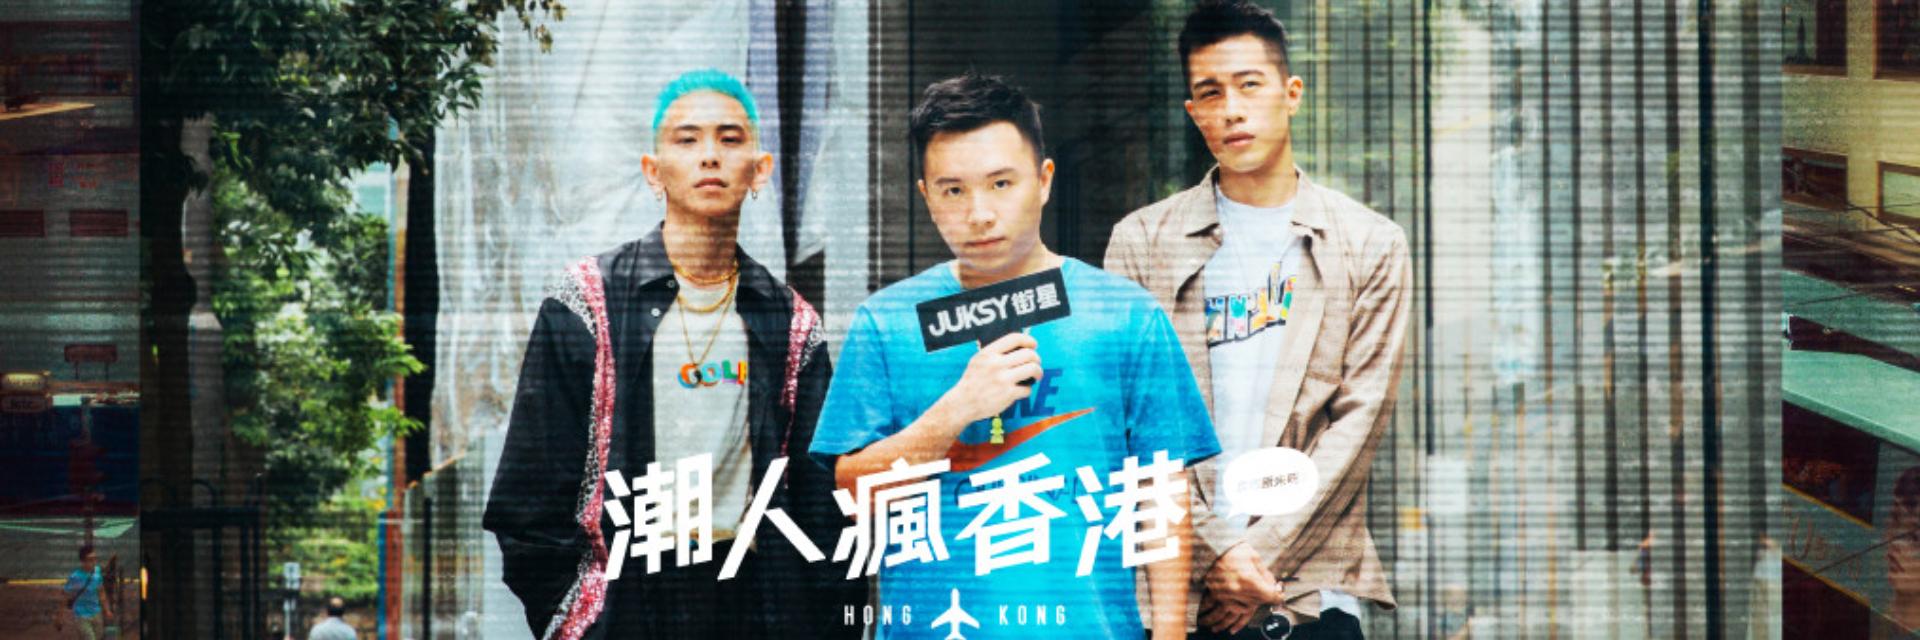 【潮人瘋香港】最好拍、最好買的一次滿足!「潮人必逛」香港特色景點 Top 5